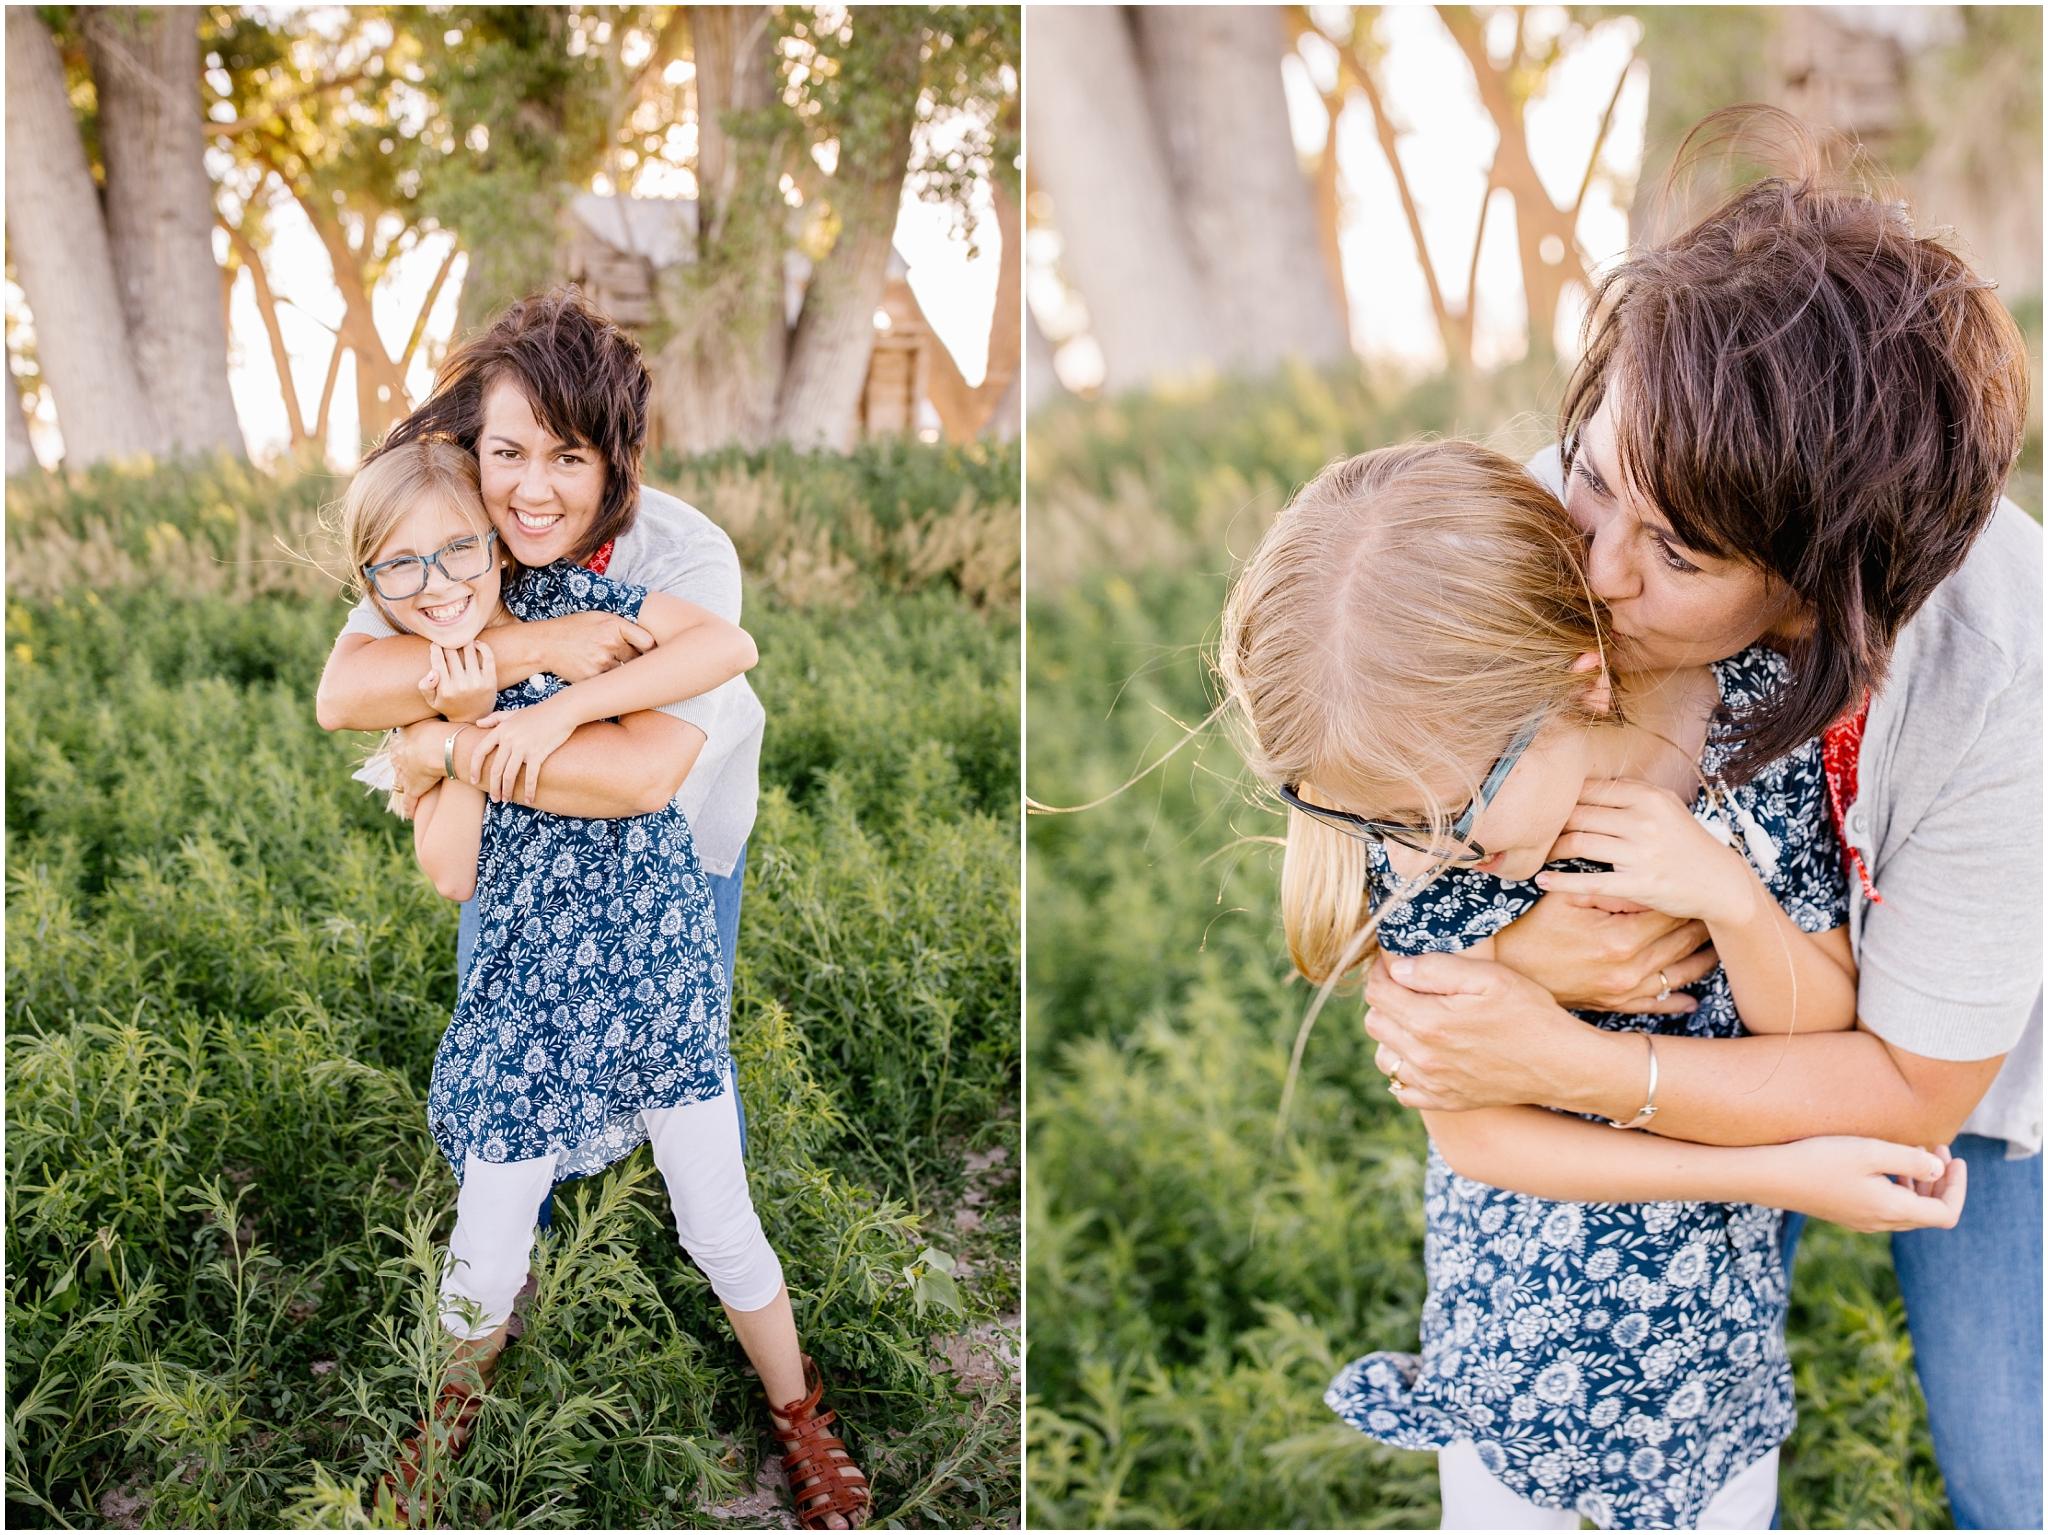 Blackburn--75_Lizzie-B-Imagery-Utah-Family-Photographer-Central-Utah-Photographer-Utah-County-Extended-Family.jpg